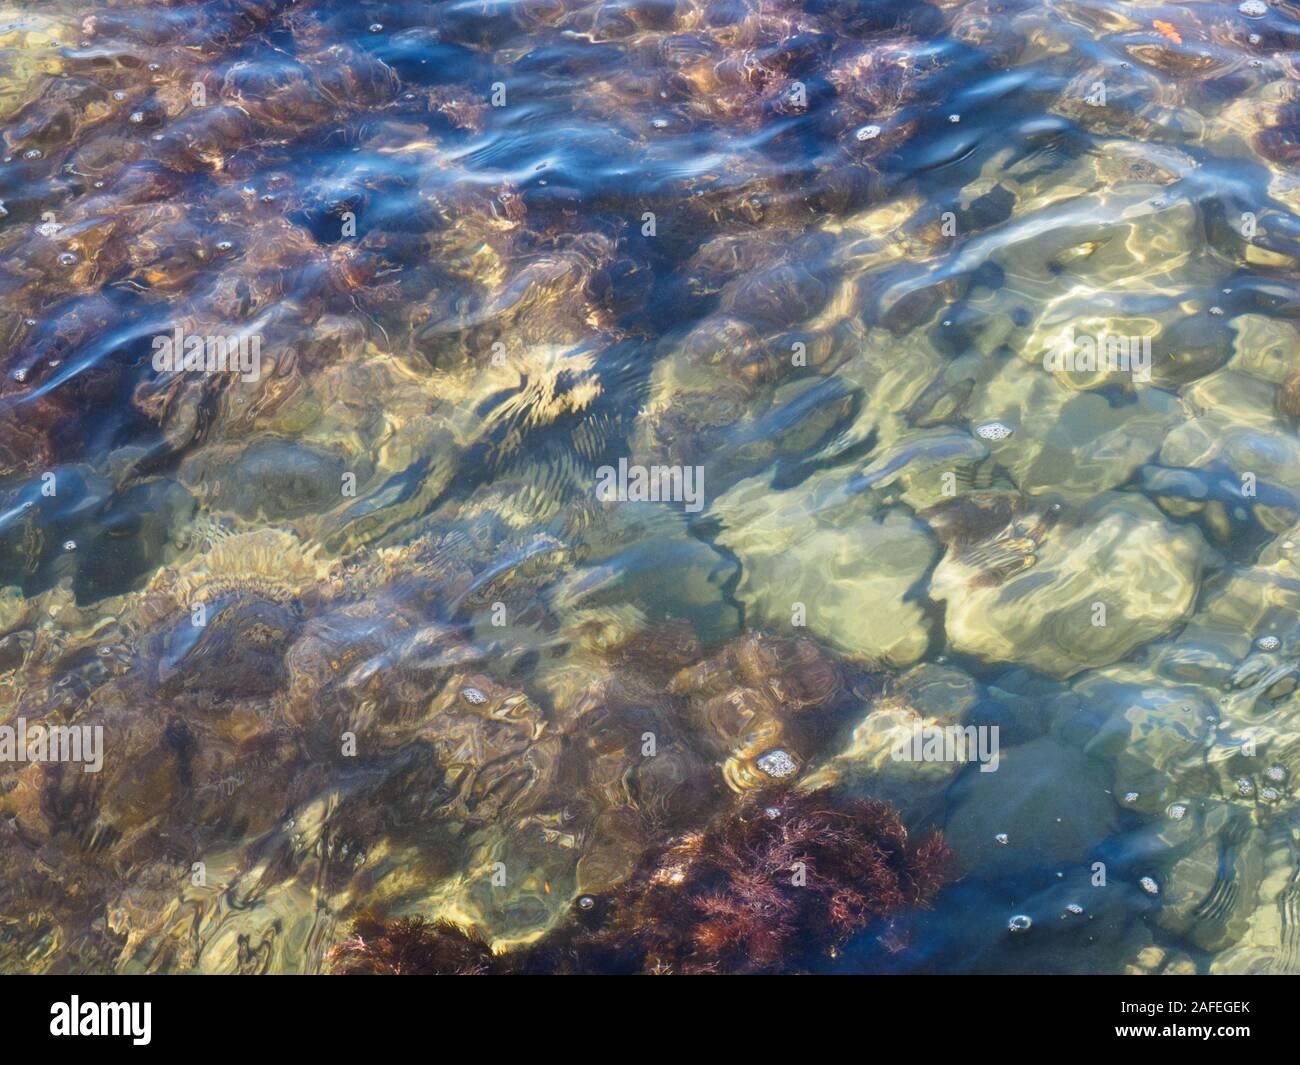 Las algas y piedra, bajo el agua de mar. Tuapse, el Mar Negro, el Cáucaso Foto de stock